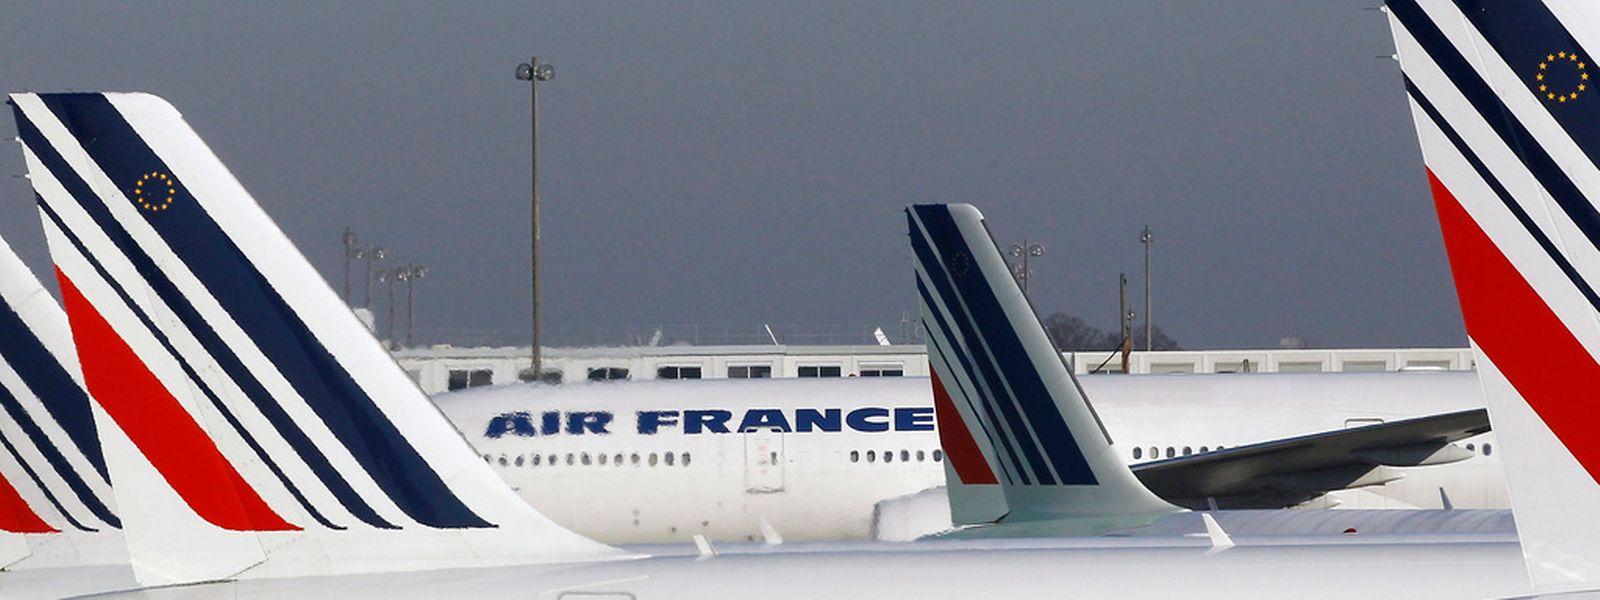 Air France erklärte, der Zwischenstopp zur Sicherheit der Passagiere erfolgt sei.